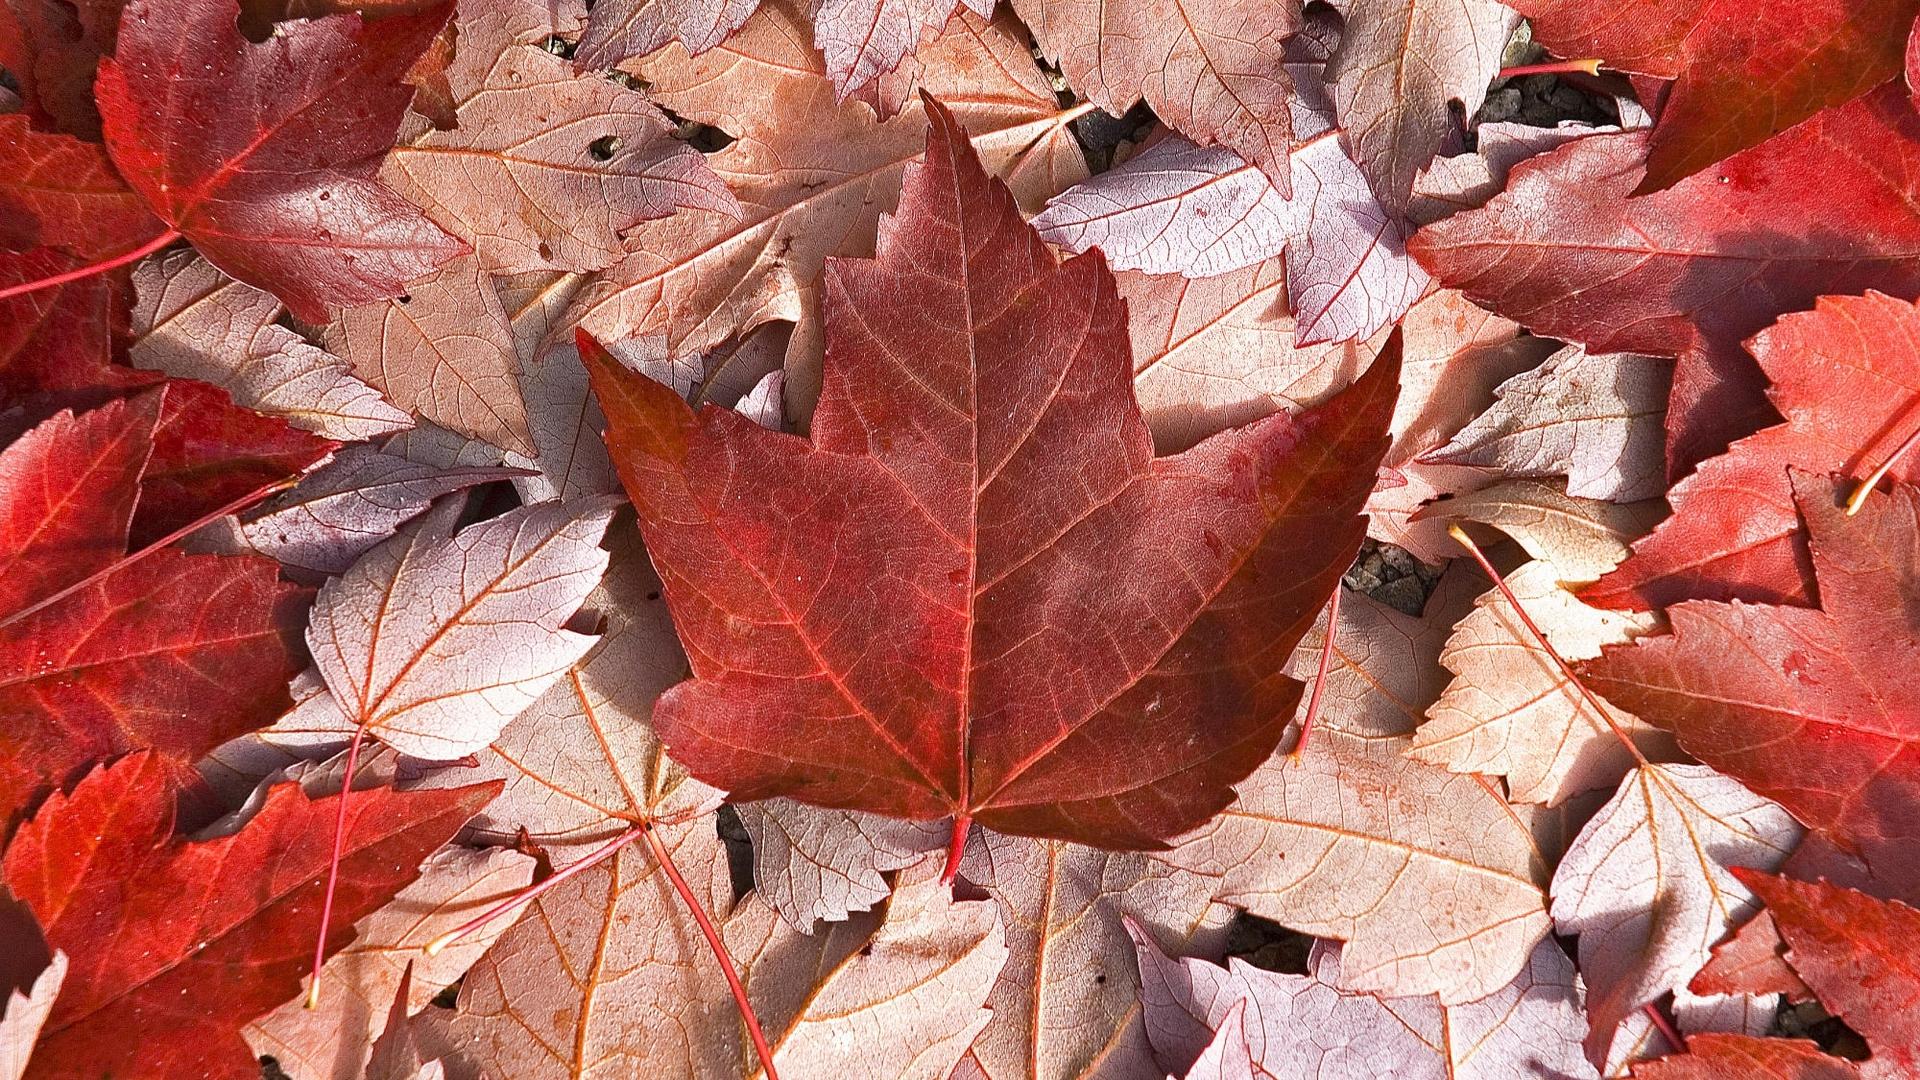 Hình nền lá cây phong màu đỏ đẹp